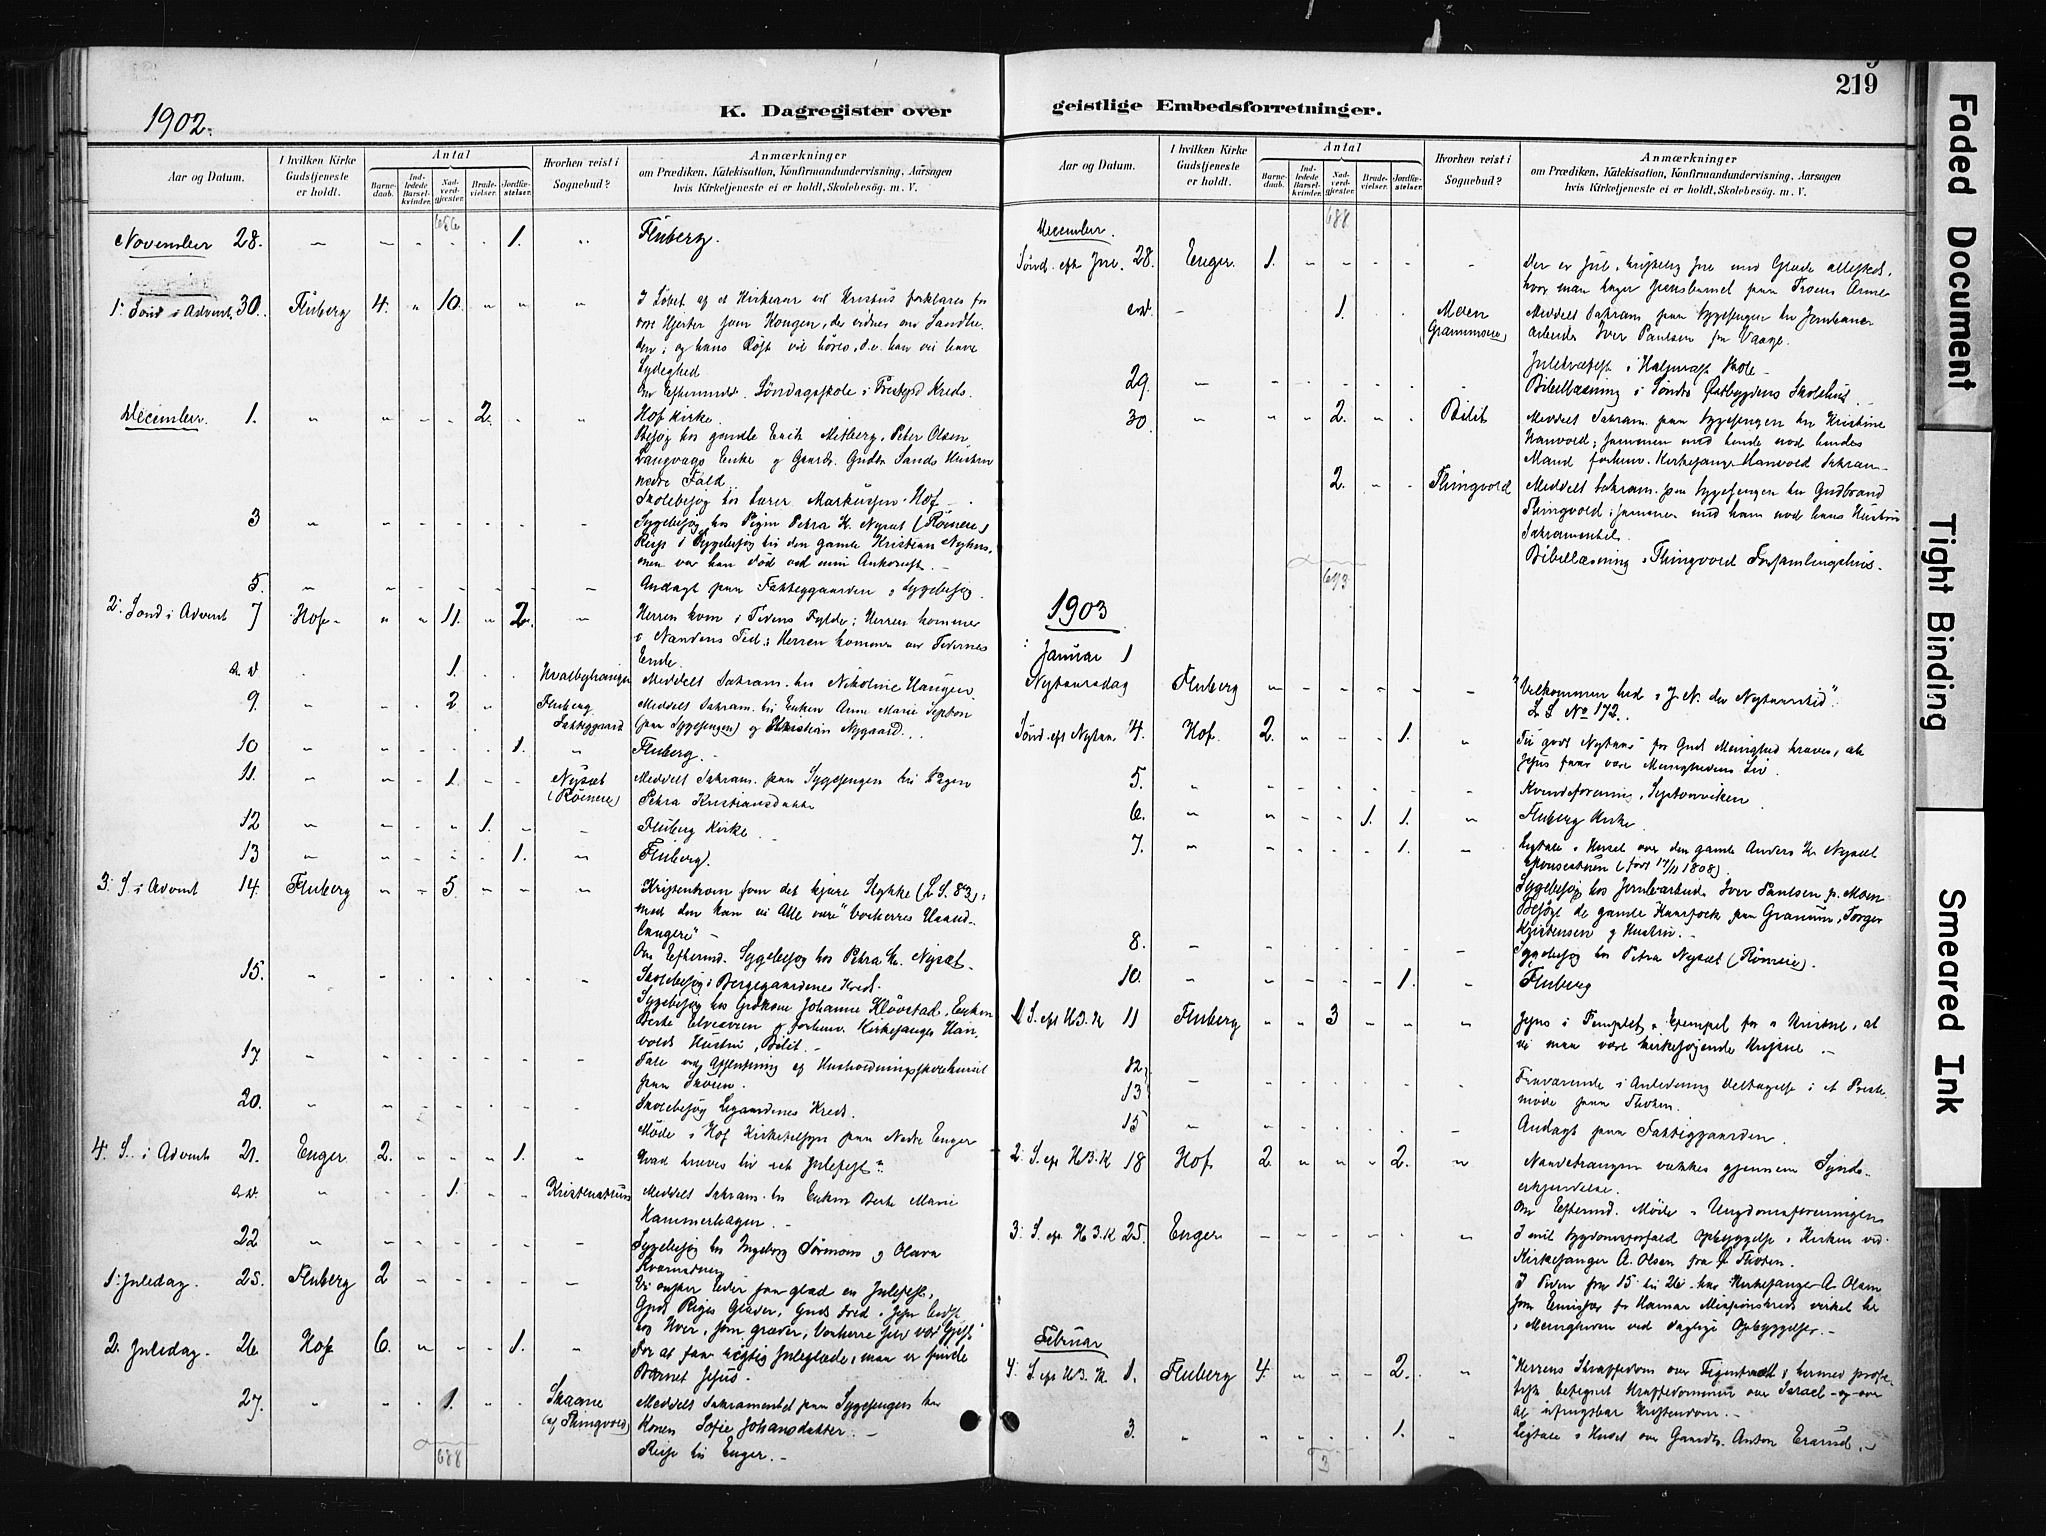 SAH, Søndre Land prestekontor, K/L0004: Ministerialbok nr. 4, 1895-1904, s. 219